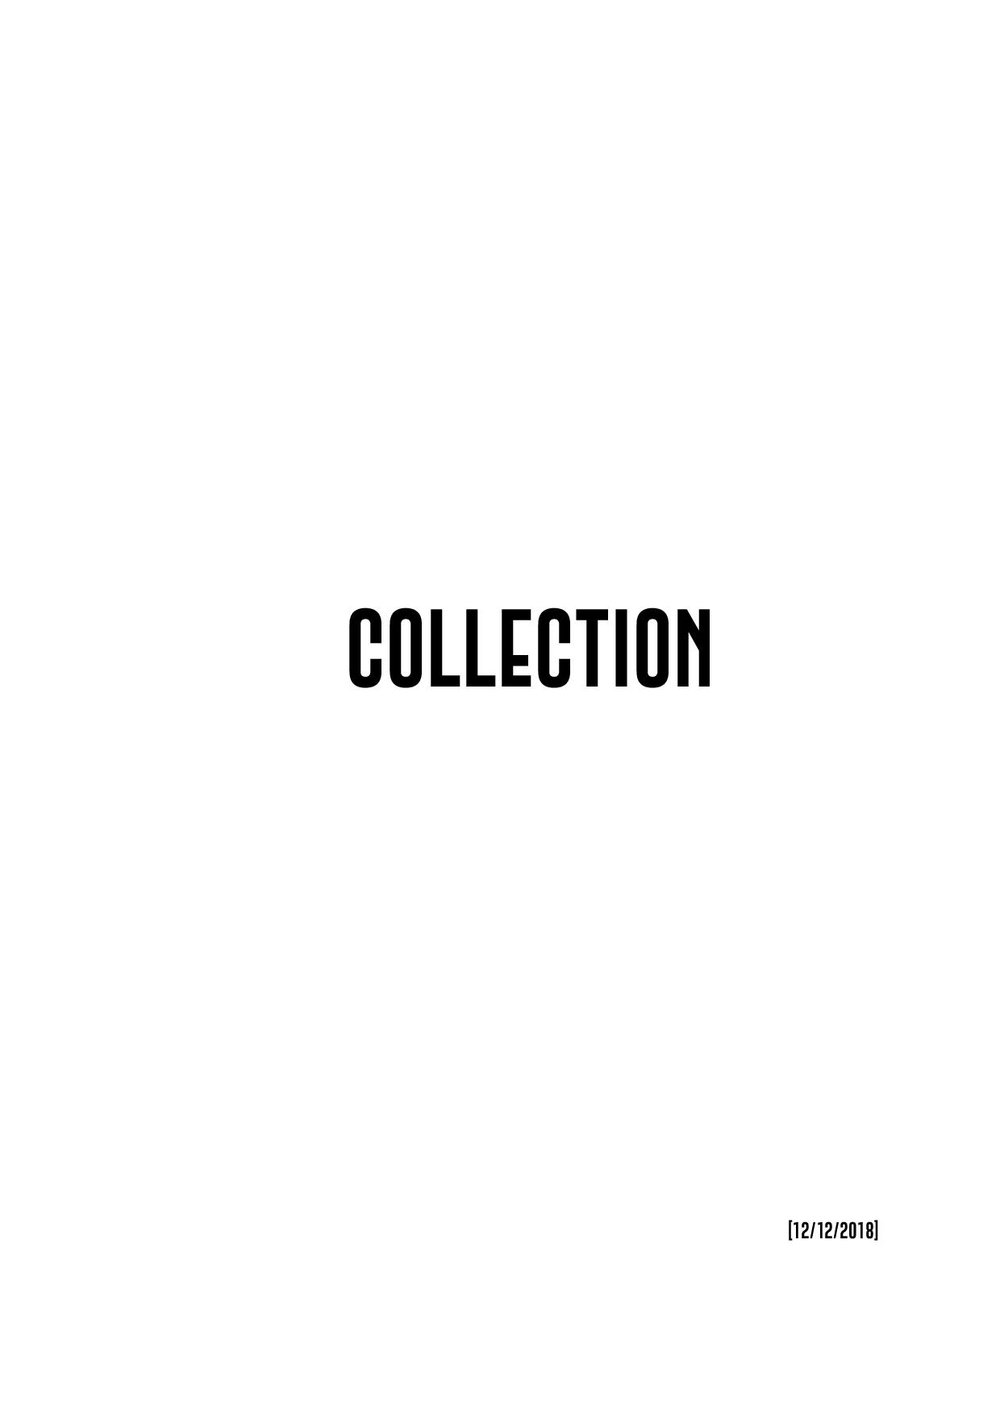 Terminus Wijnkaart Winter 2018-12-12 Collection-page-001.jpg